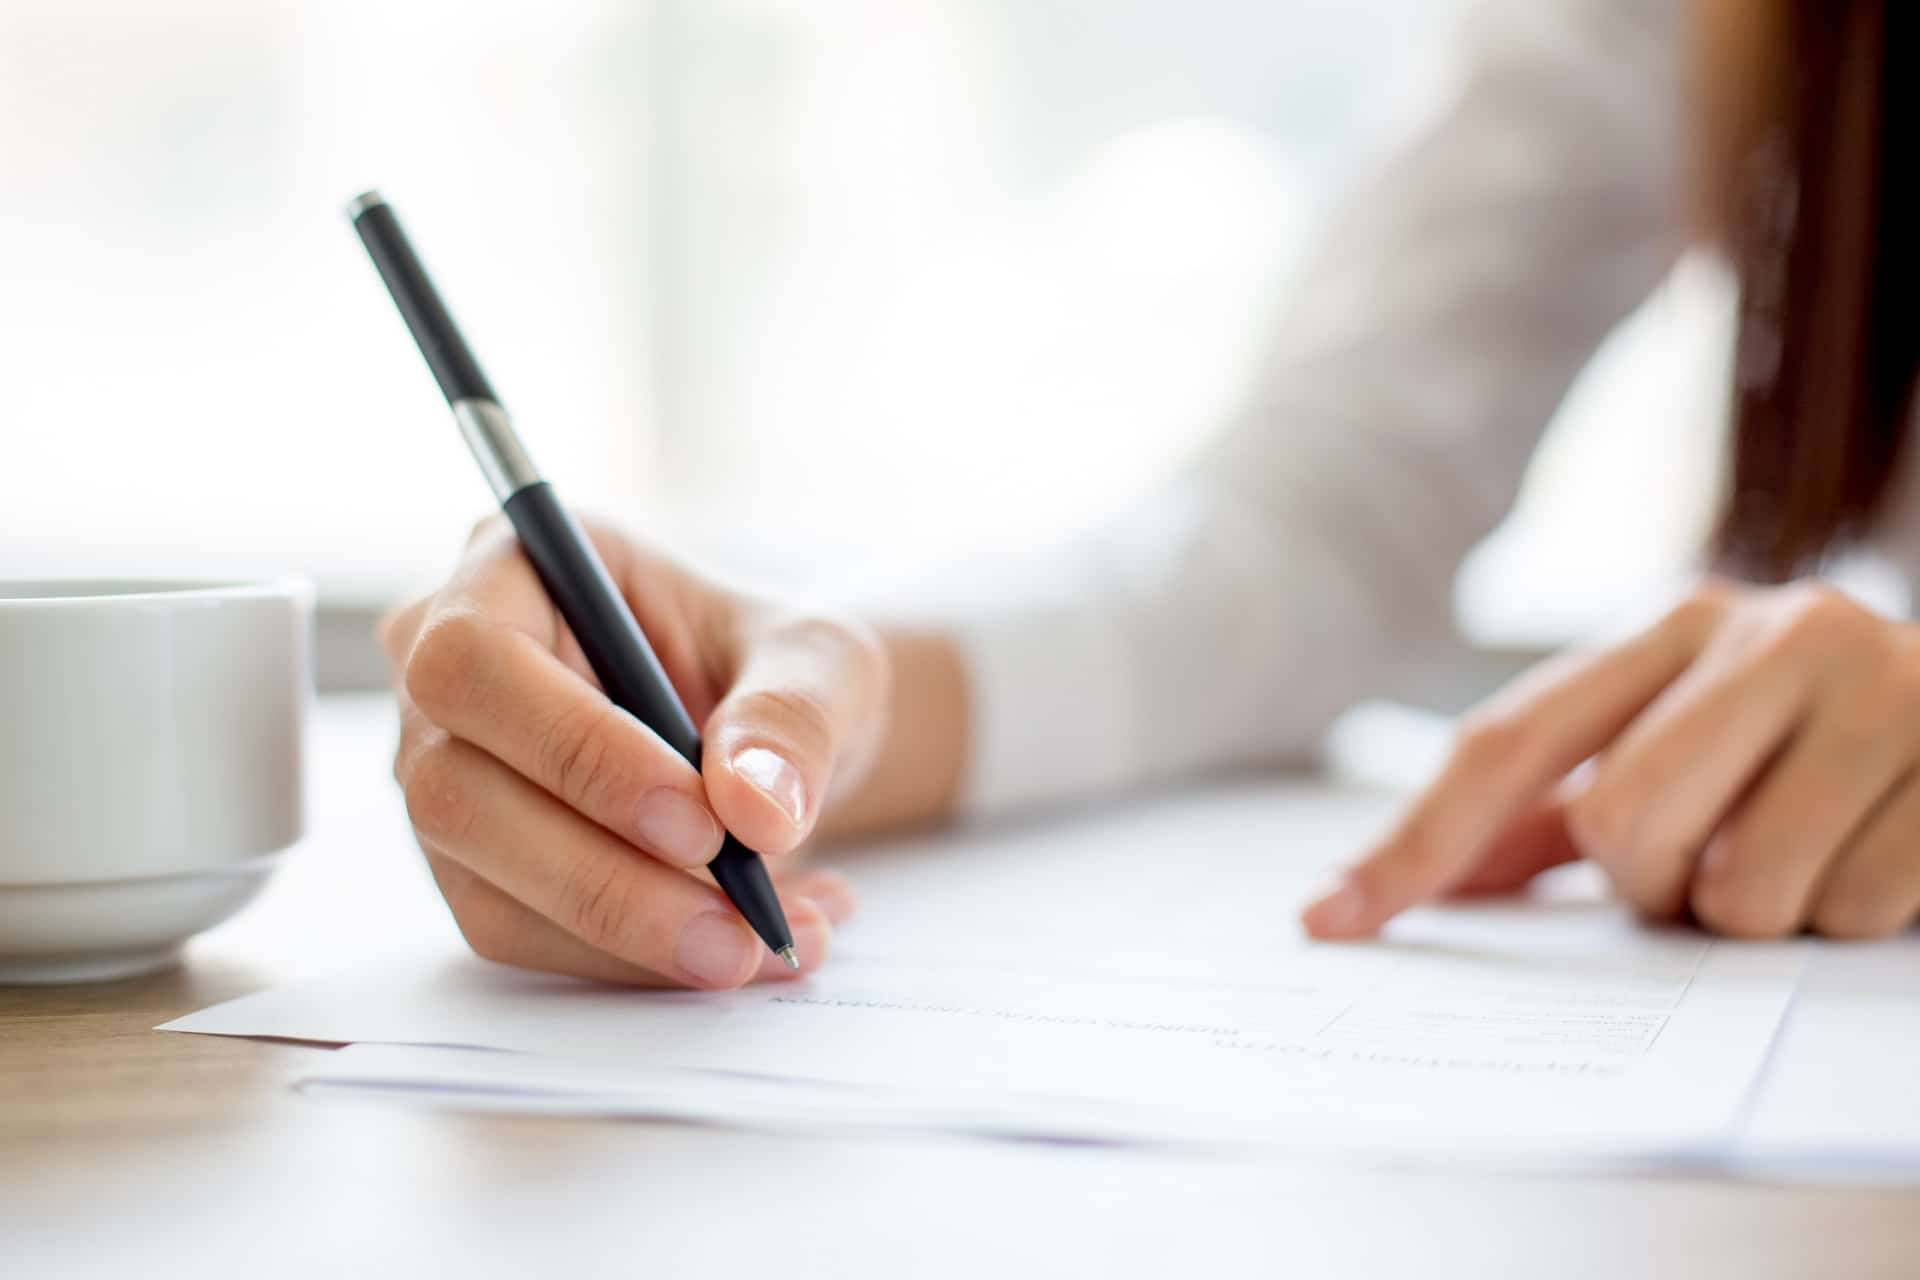 carta para la modificacion sustancial de las condiciones de trabajo